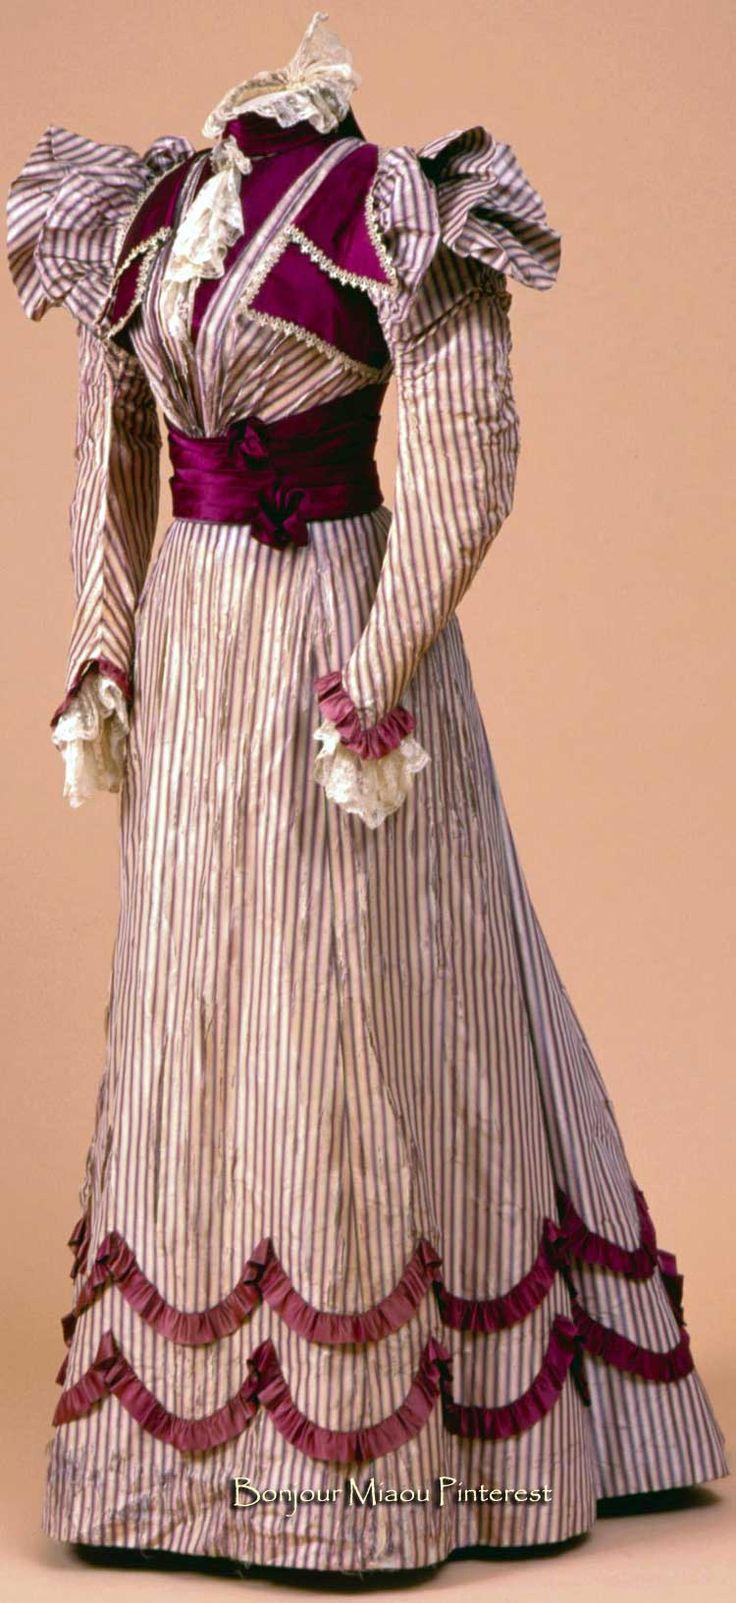 Dress belonging to Queen Wilhelmina of the Netherlands, Ludwig Zwieback & Bruder, 1897. Silk. Paleis Het Loo via ModeMuze